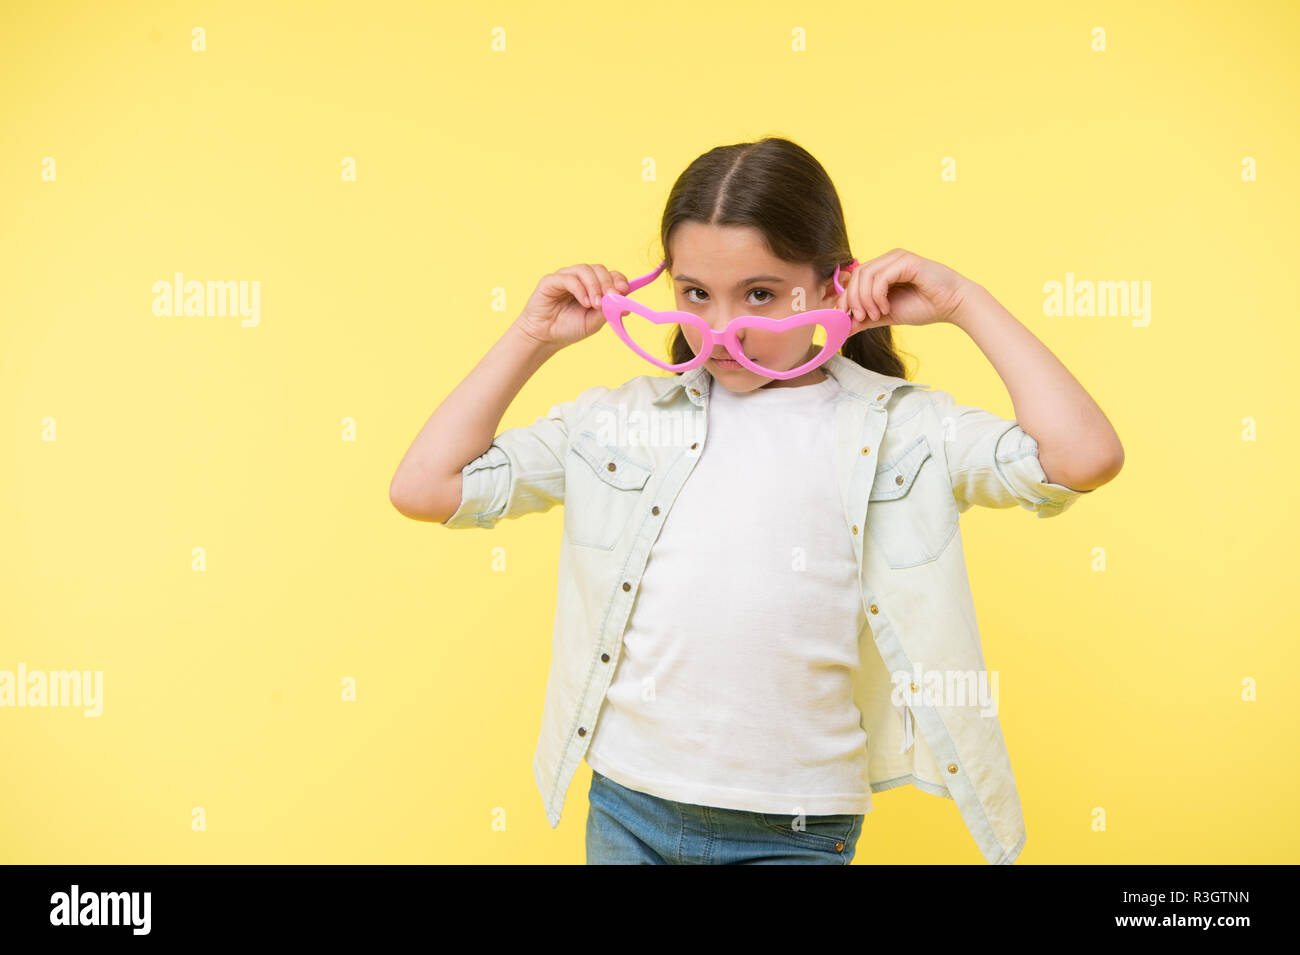 5891cb44df24f4 Fille look dans des verres en forme de coeur sur fond jaune. Petit enfant  avec accessoire de mode. Restez calme et porter des lunettes cool.